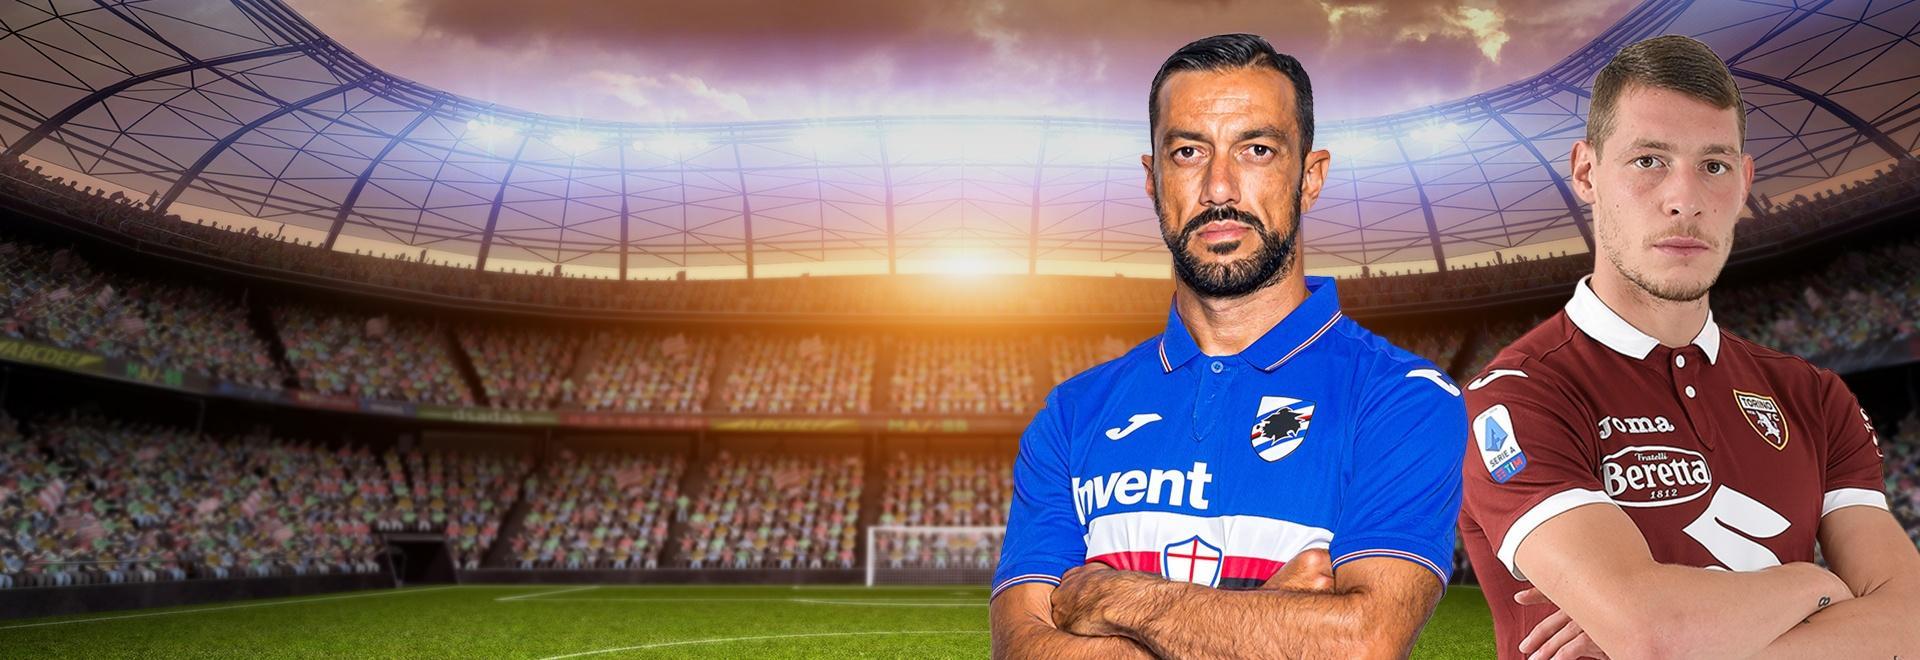 Sampdoria - Torino. 4a g.